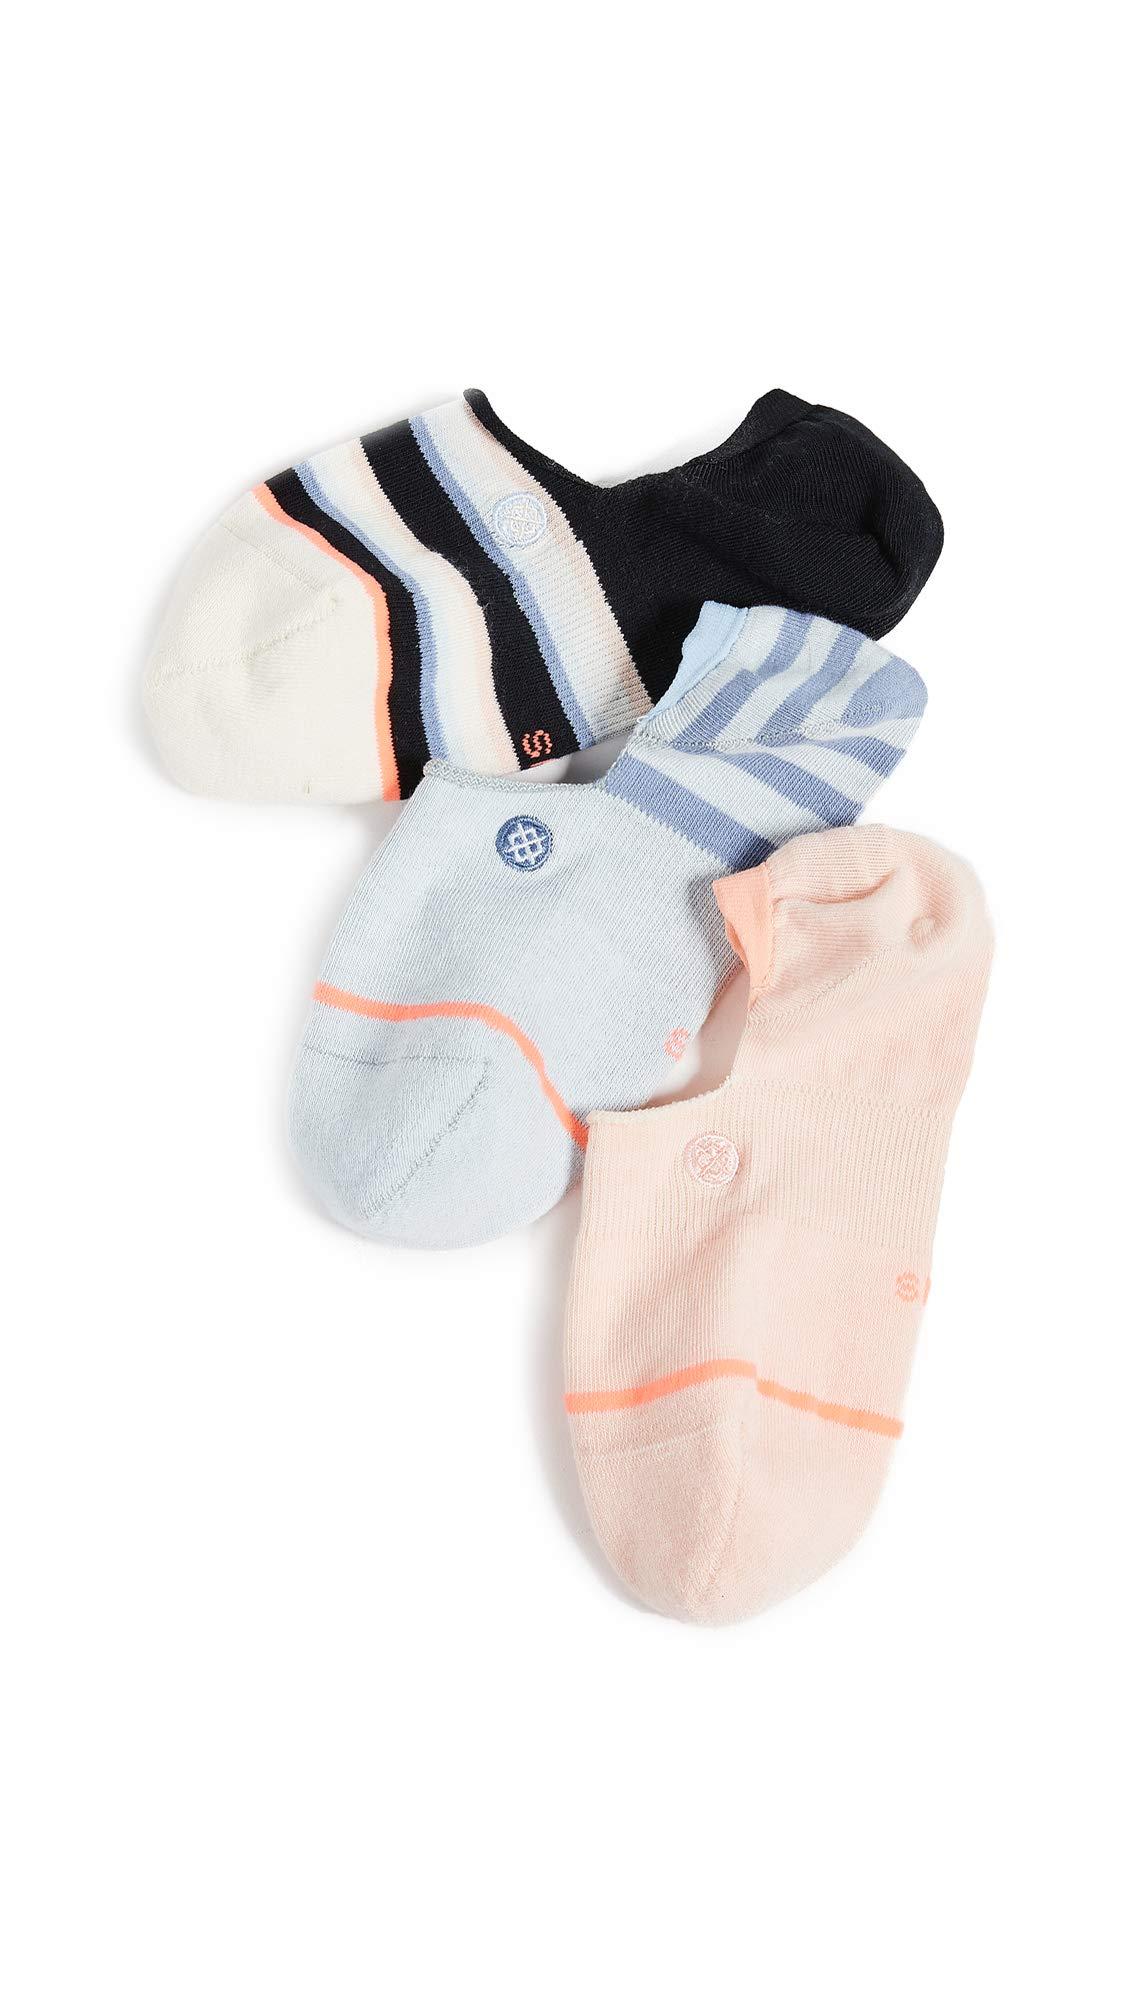 STANCE Women's Back to Basic Invisible 3 Pack Socks, Multi, Medium